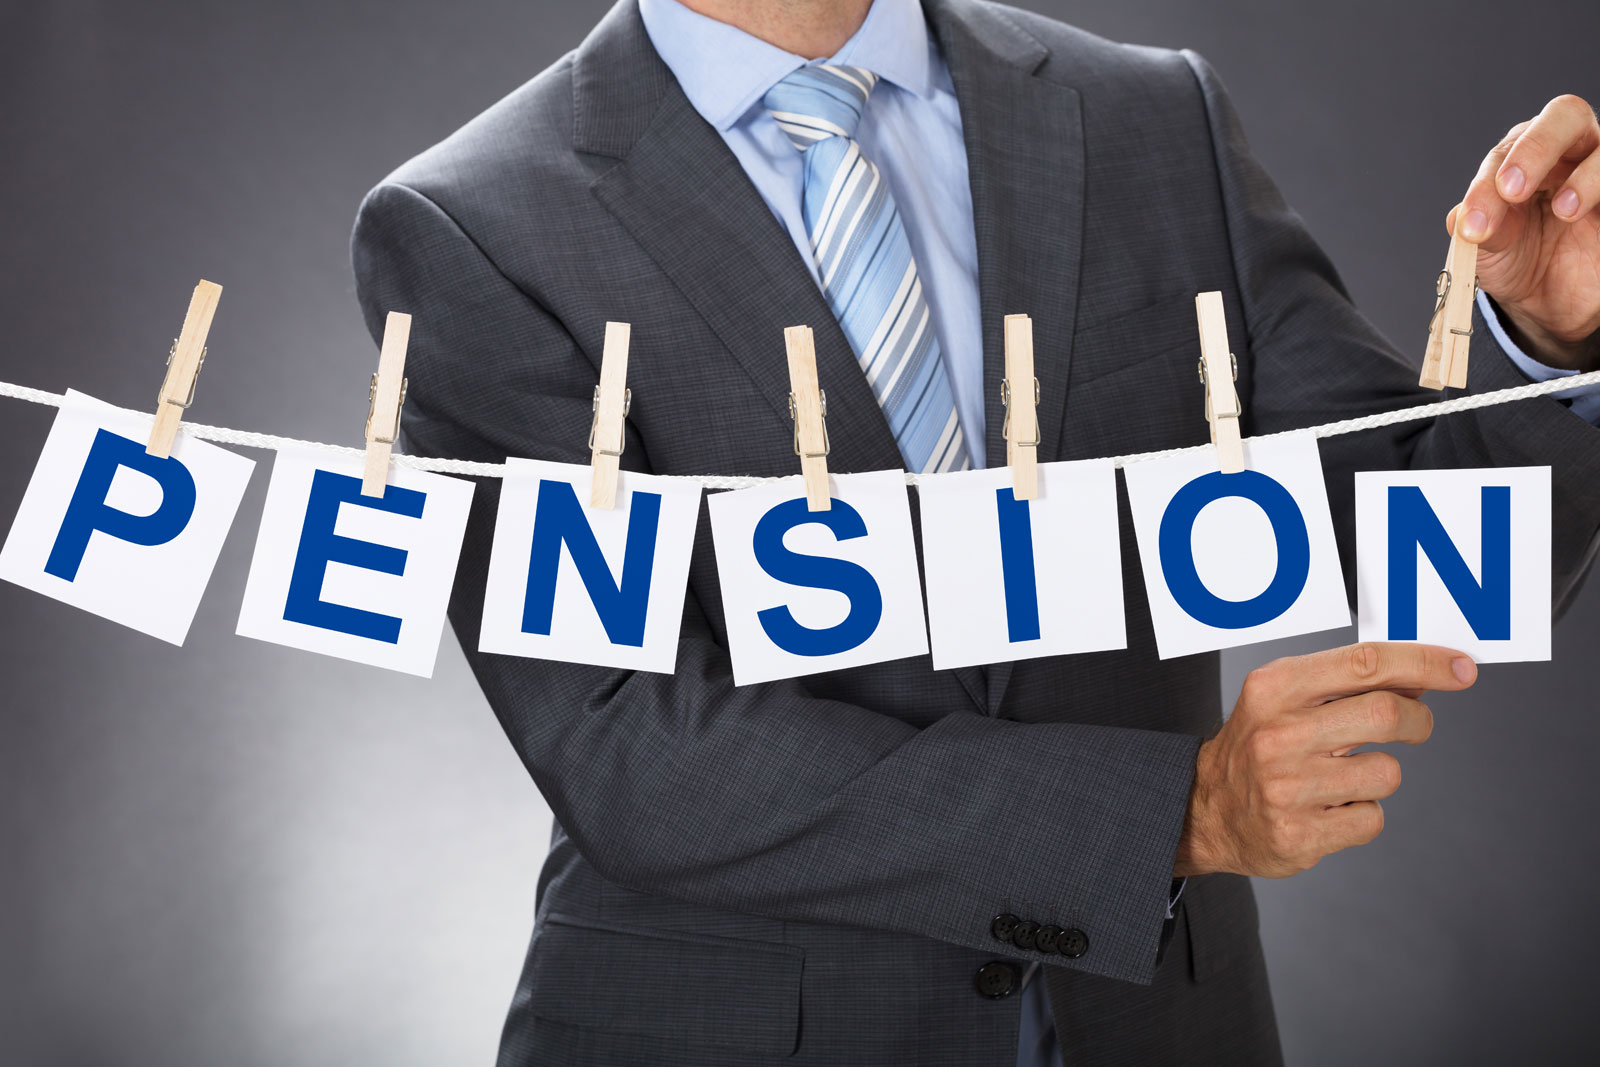 Læs om de generelle pensionstyper herover og de specifikke produkter hos Danica Pension herunder.